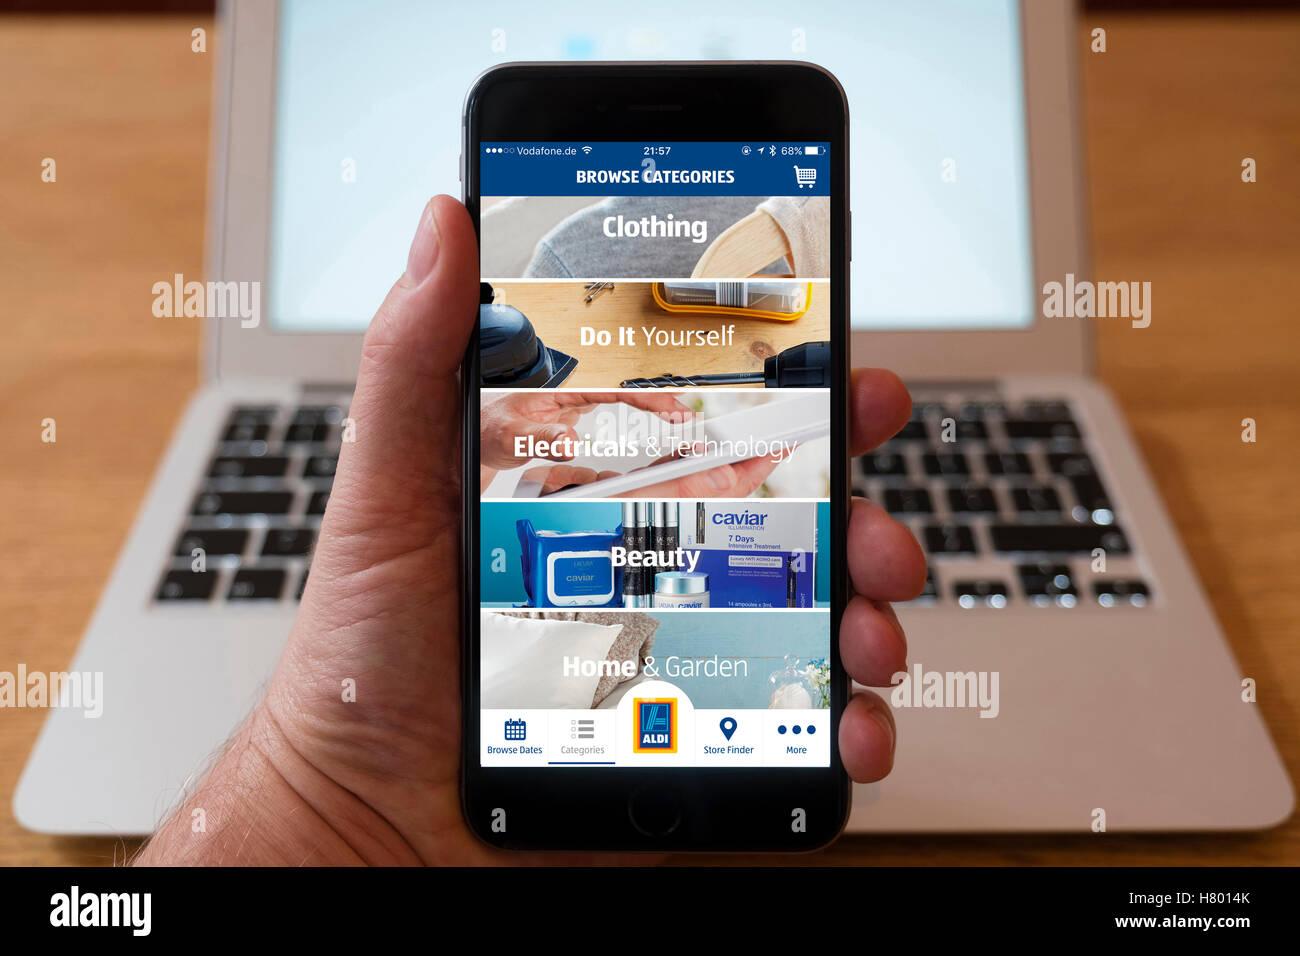 À l'aide d'iPhone smartphone pour afficher Aldi enseigne discount Boutique en ligne Photo Stock